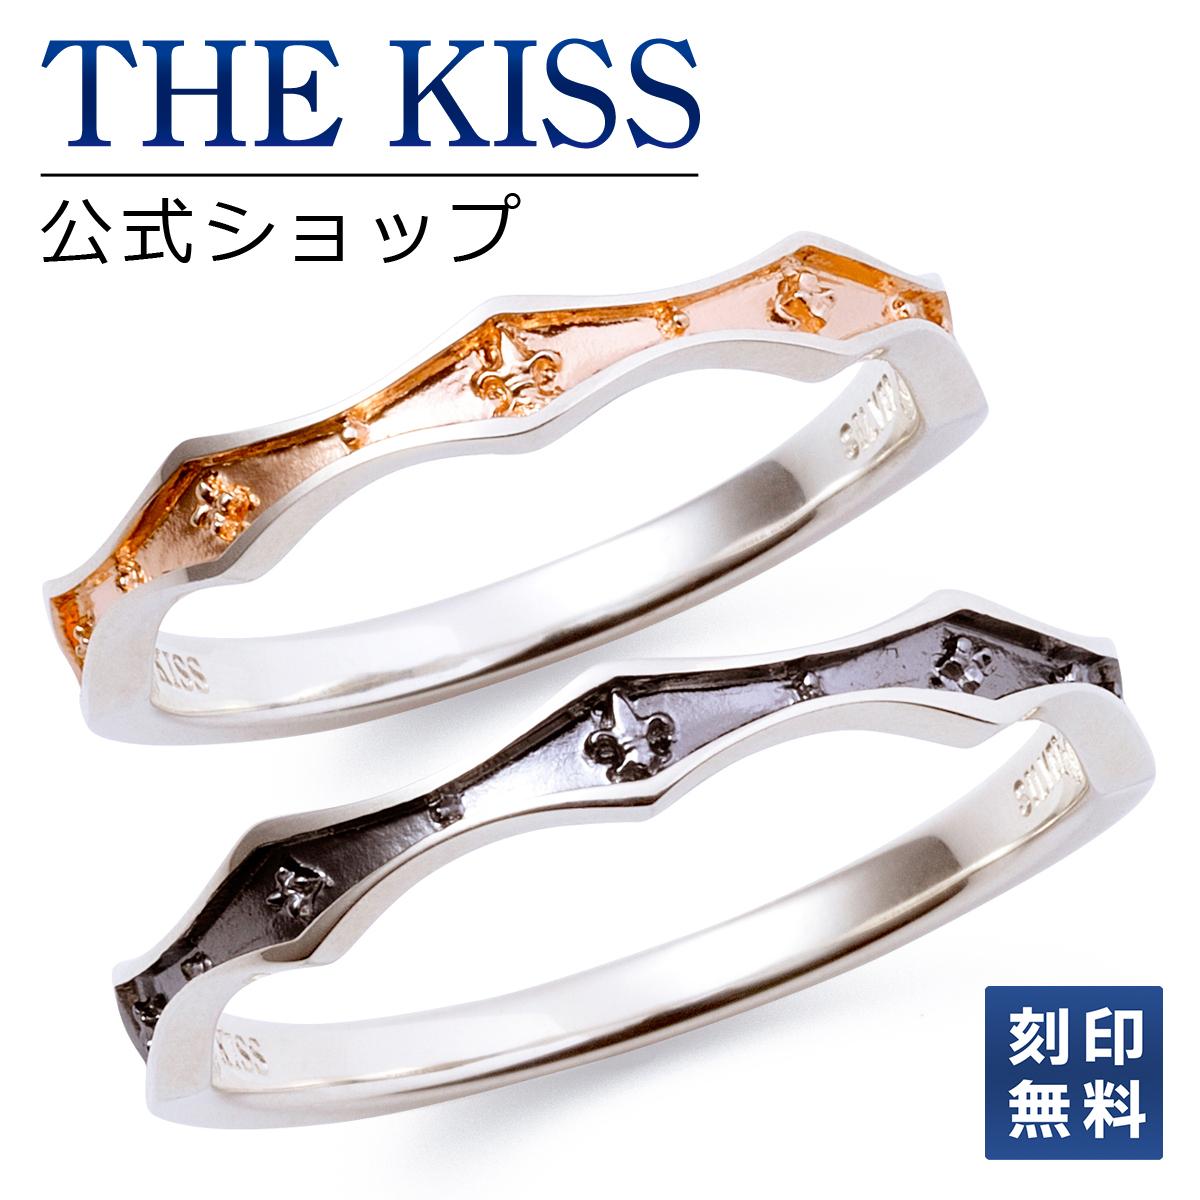 【刻印可_3文字】【あす楽対応】THE KISS 公式サイト シルバー ペアリング ペアアクセサリー カップル に 人気 の ジュエリーブランド THEKISS ペア リング・指輪 記念日 プレゼント SR2012-2013 セット シンプル ザキス